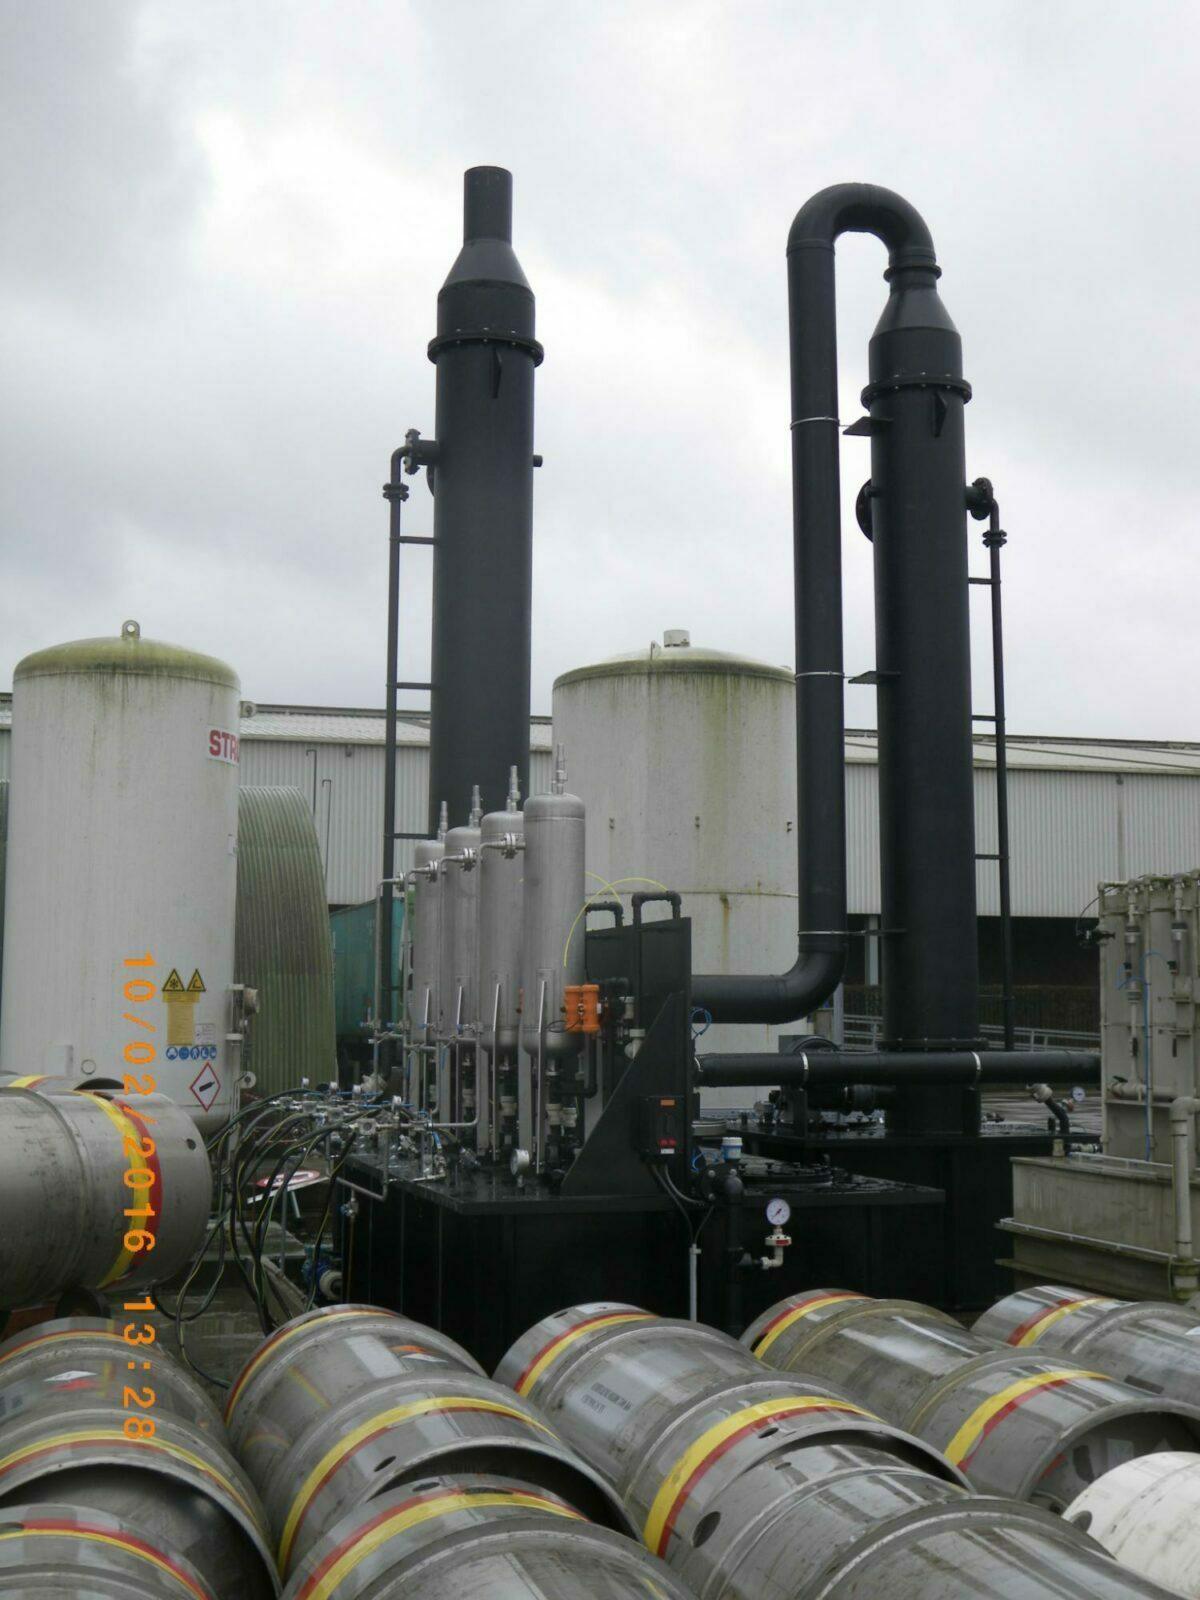 Gaswasser chemogas